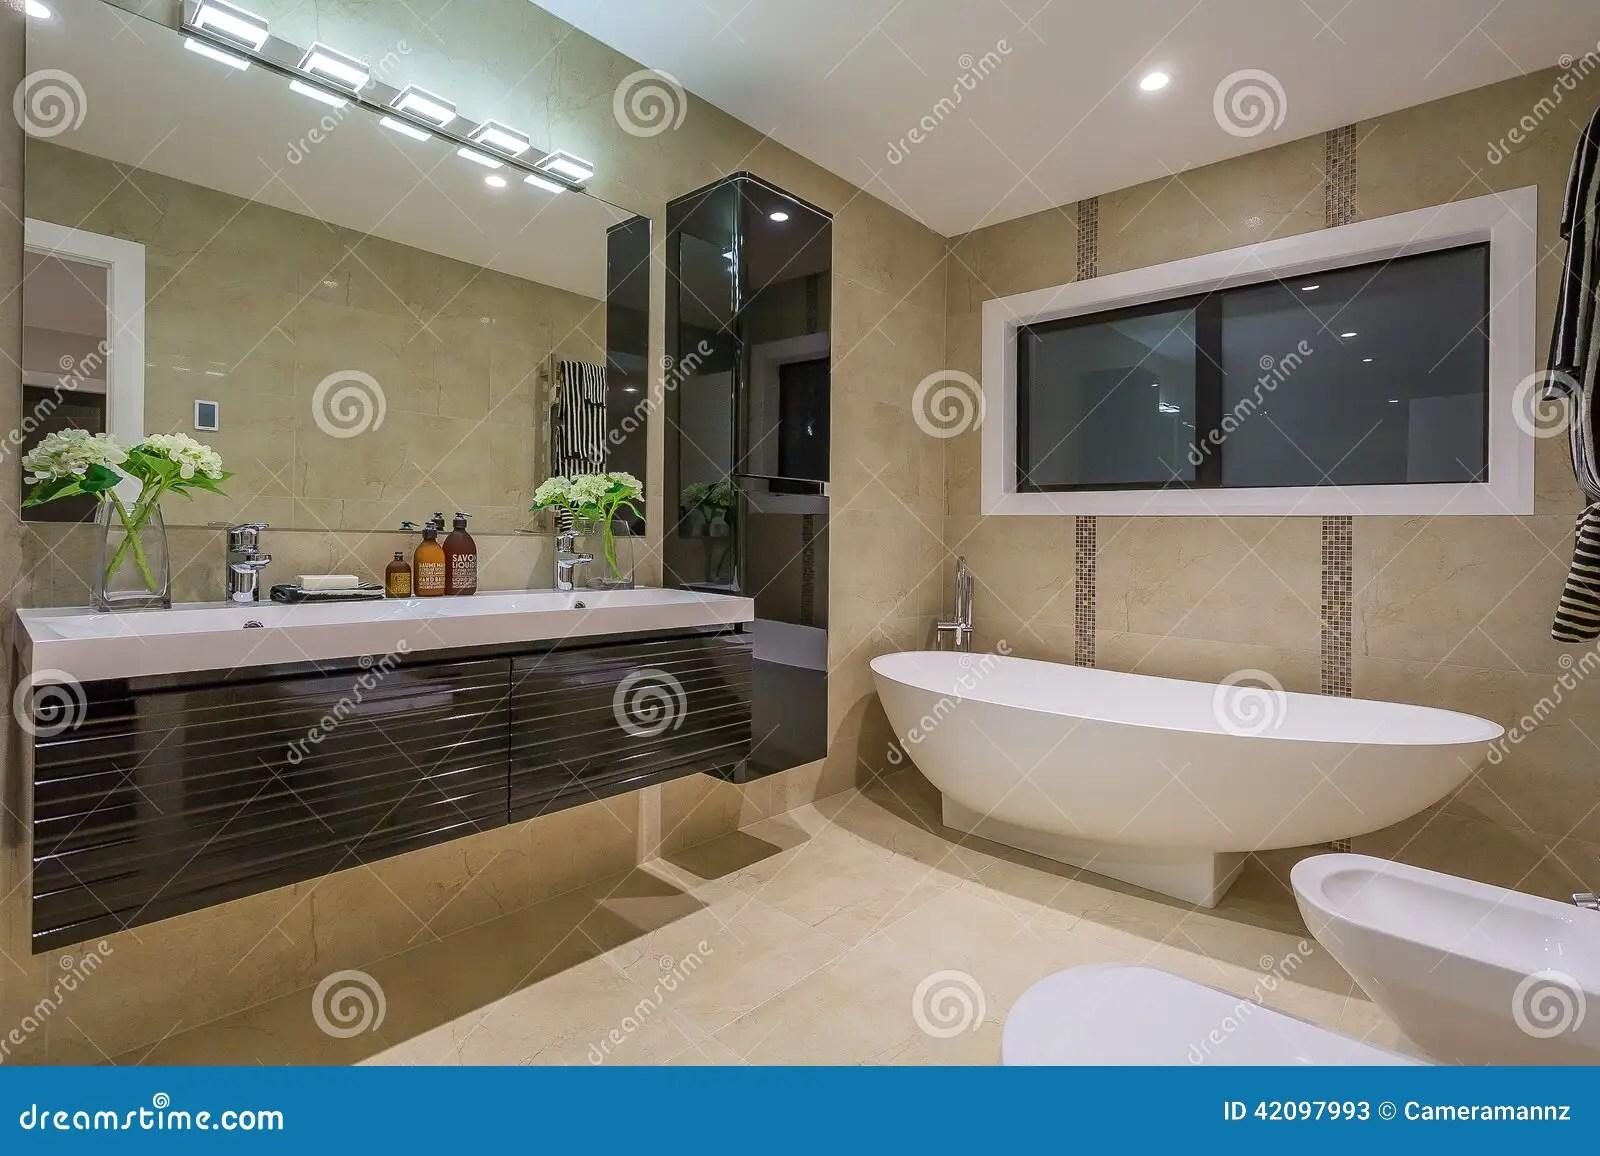 Luxury Home Washroom Stock Photo Image 42097993